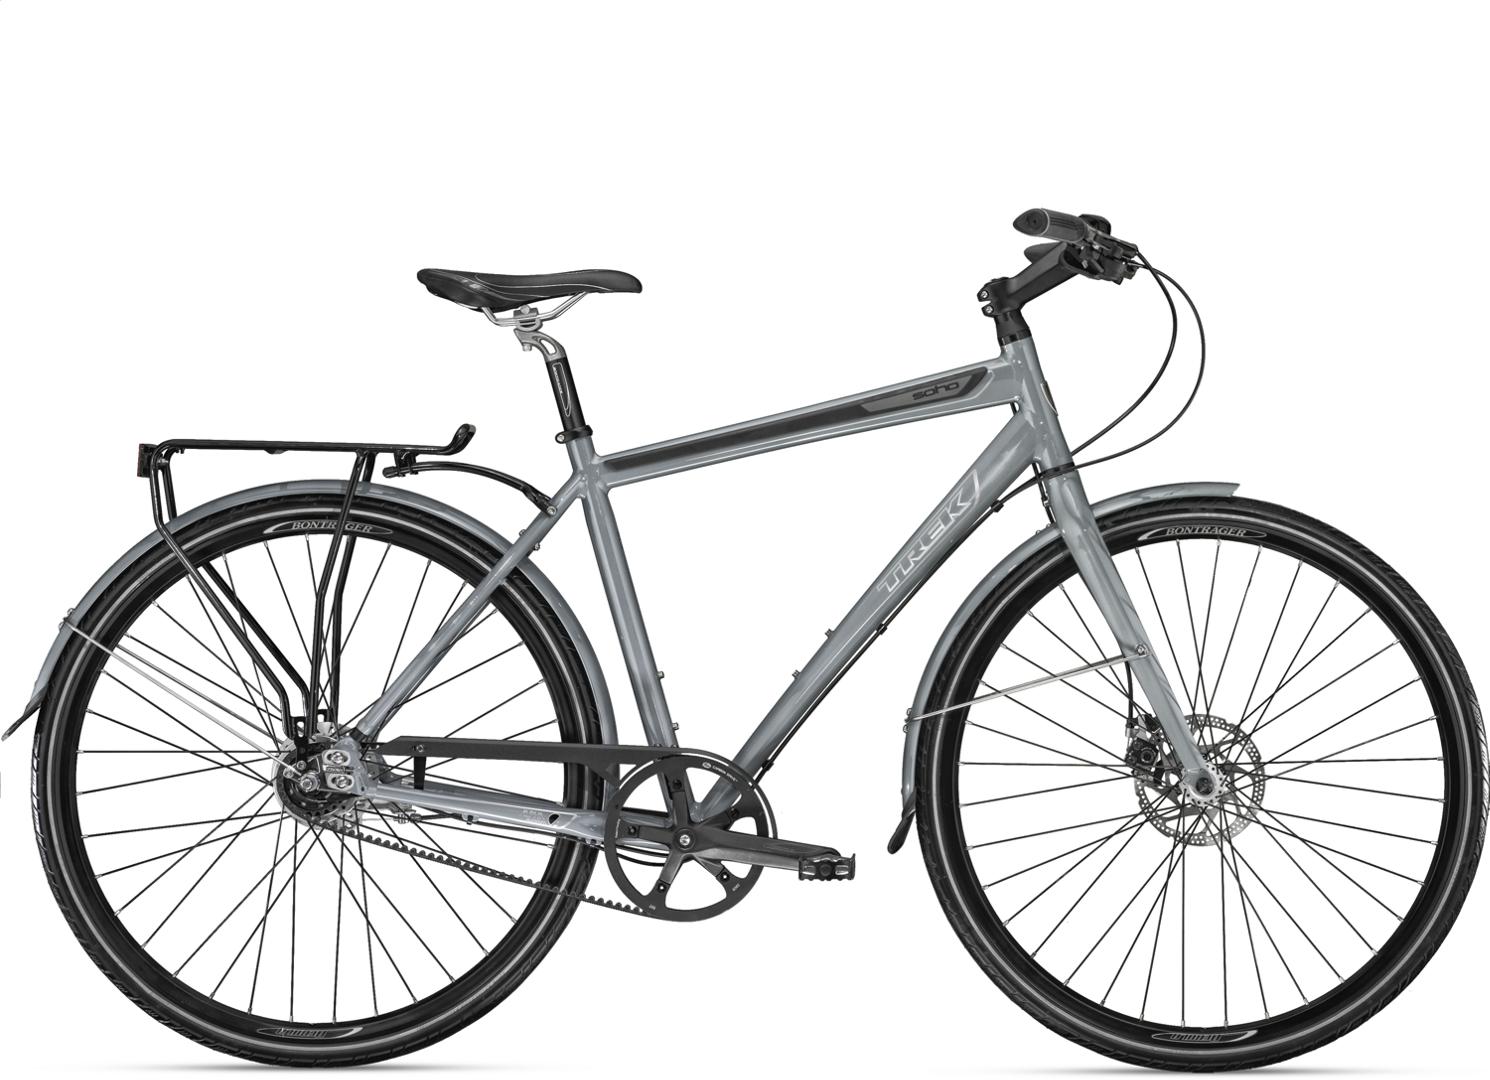 Commuter Bike Hub Gear Fenders Rear Rack Internal Brakes Belt